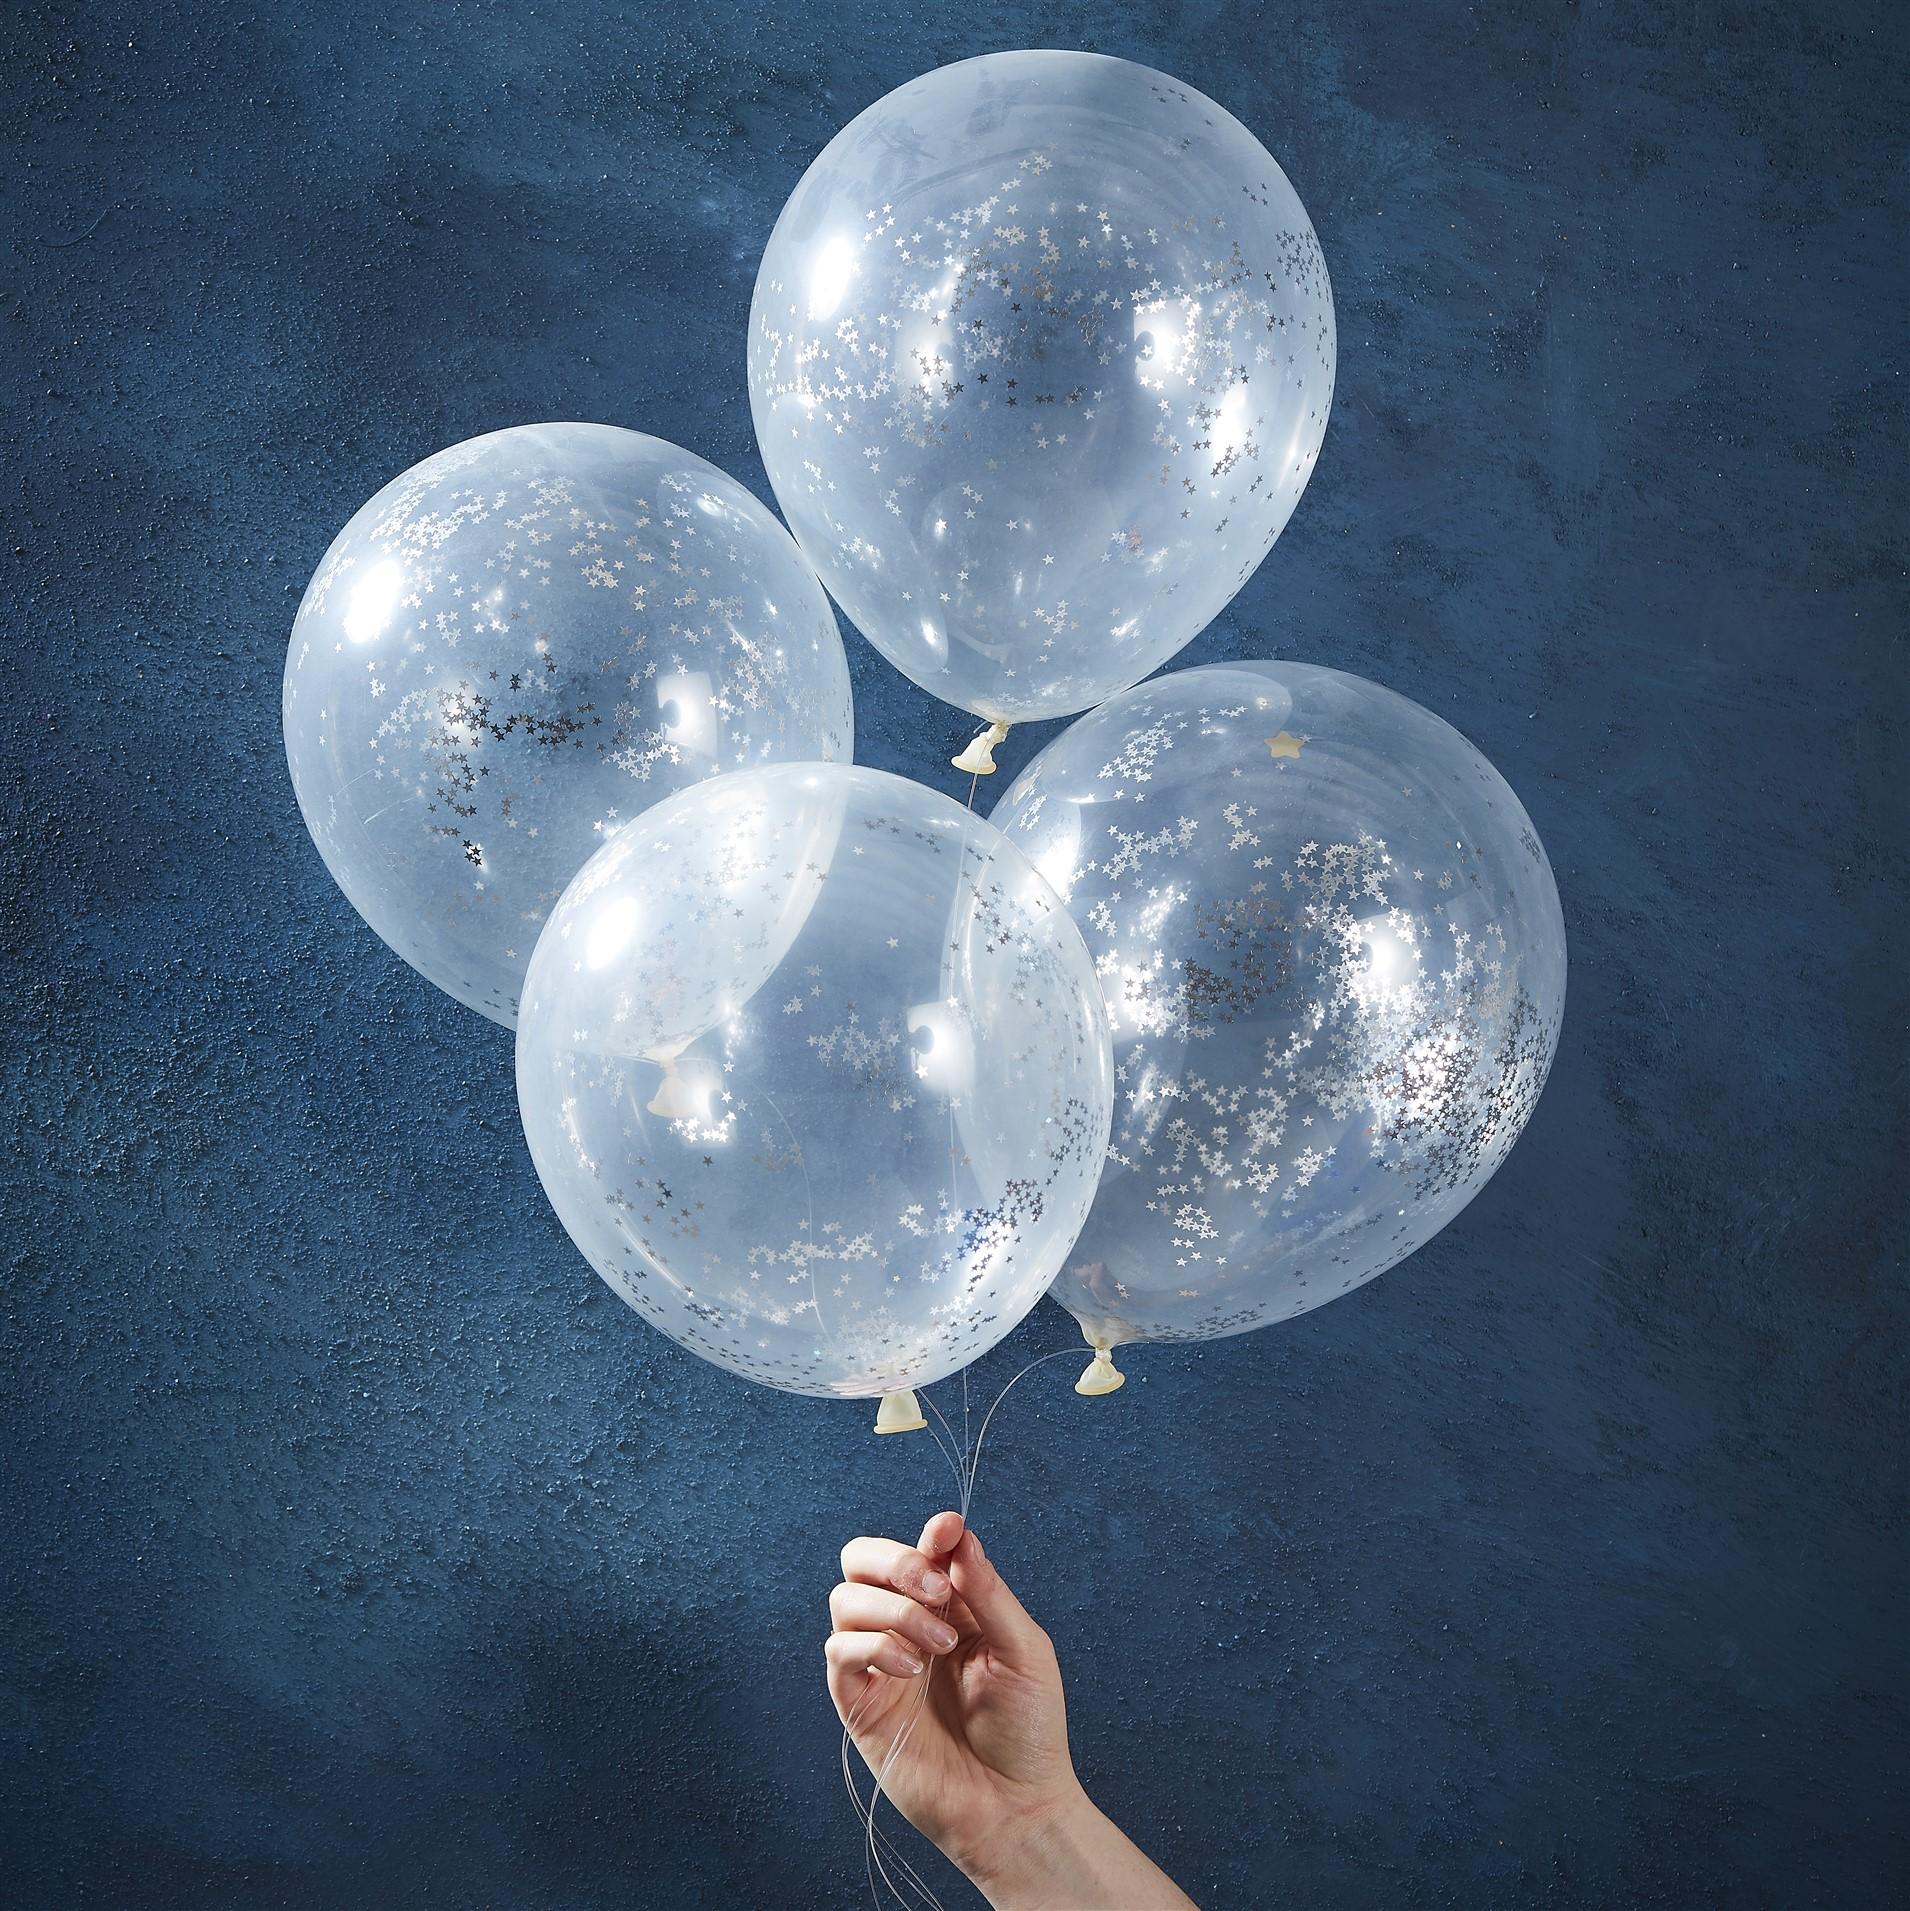 Μπαλόνια Latex με Ασημί Κονφετί – 5 Τεμάχια